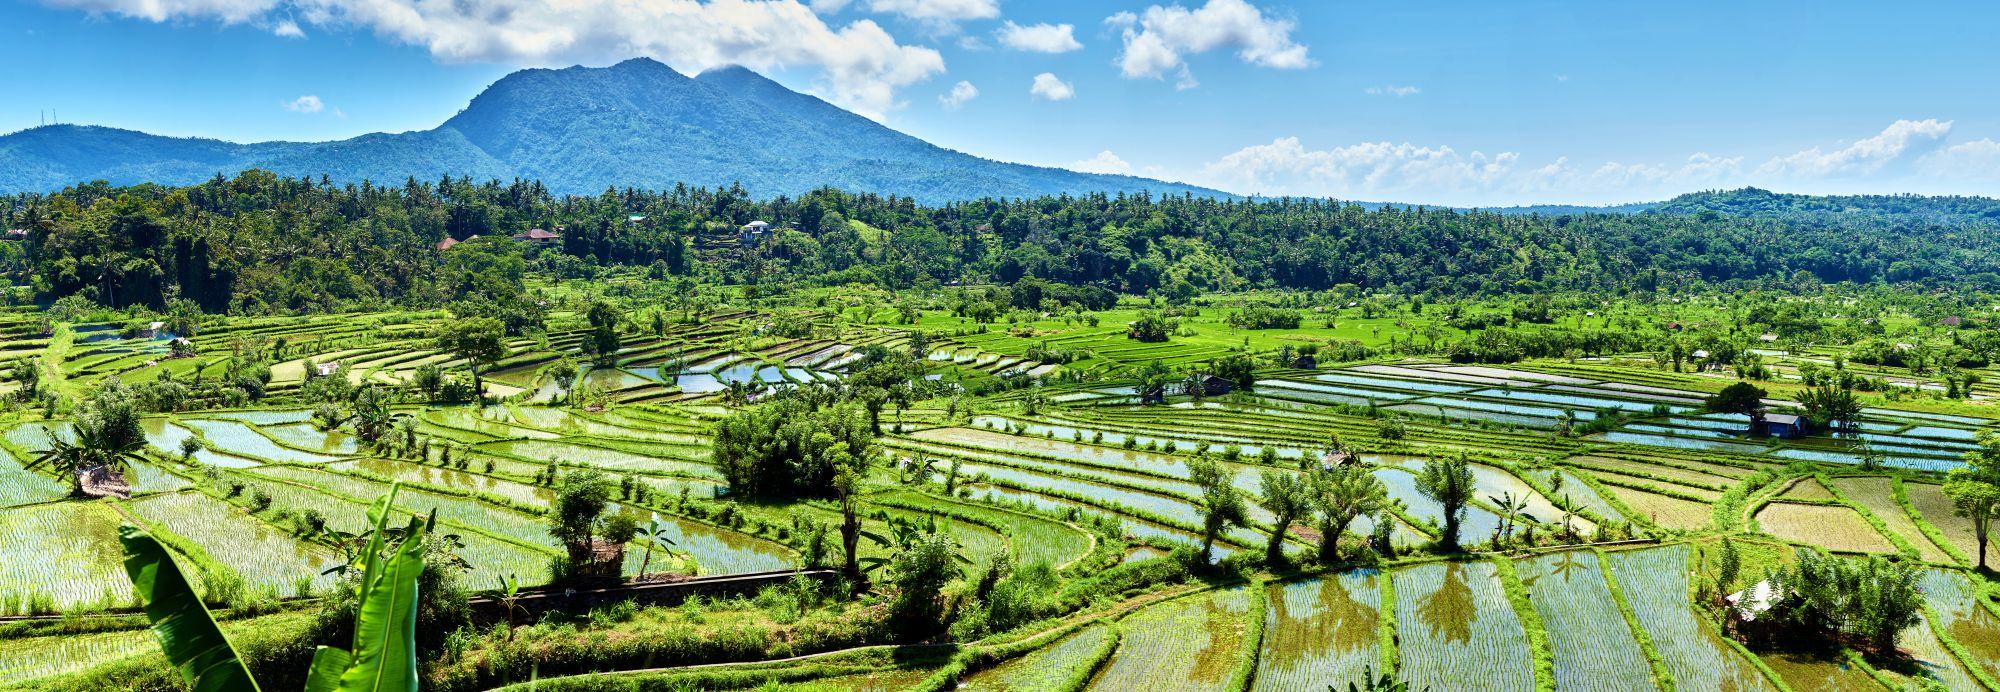 Indonesie Bali Candidasa rijstterrassen